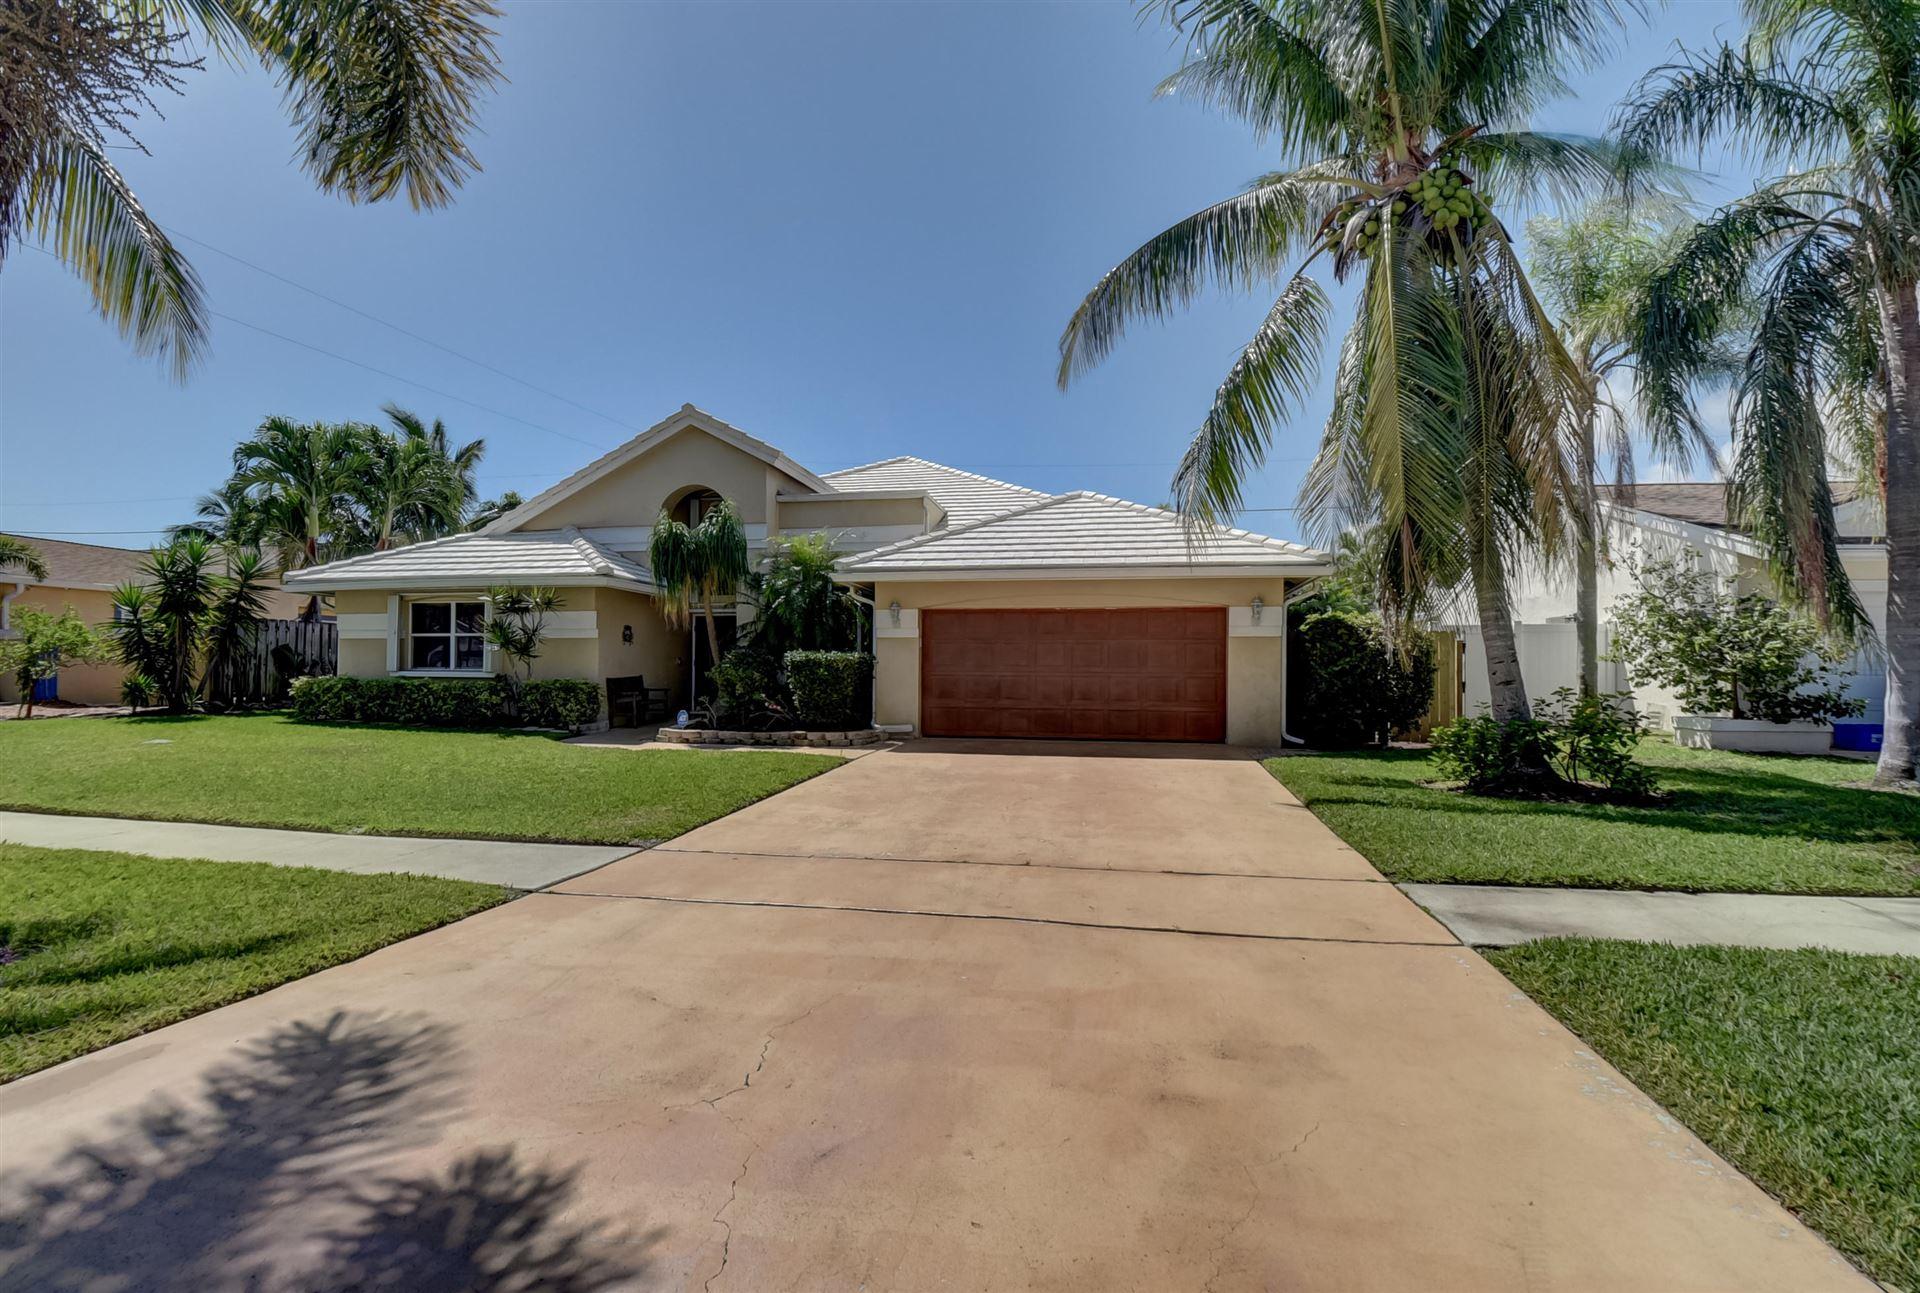 390 Apache Lane, Boca Raton, FL 33487 - MLS#: RX-10703157